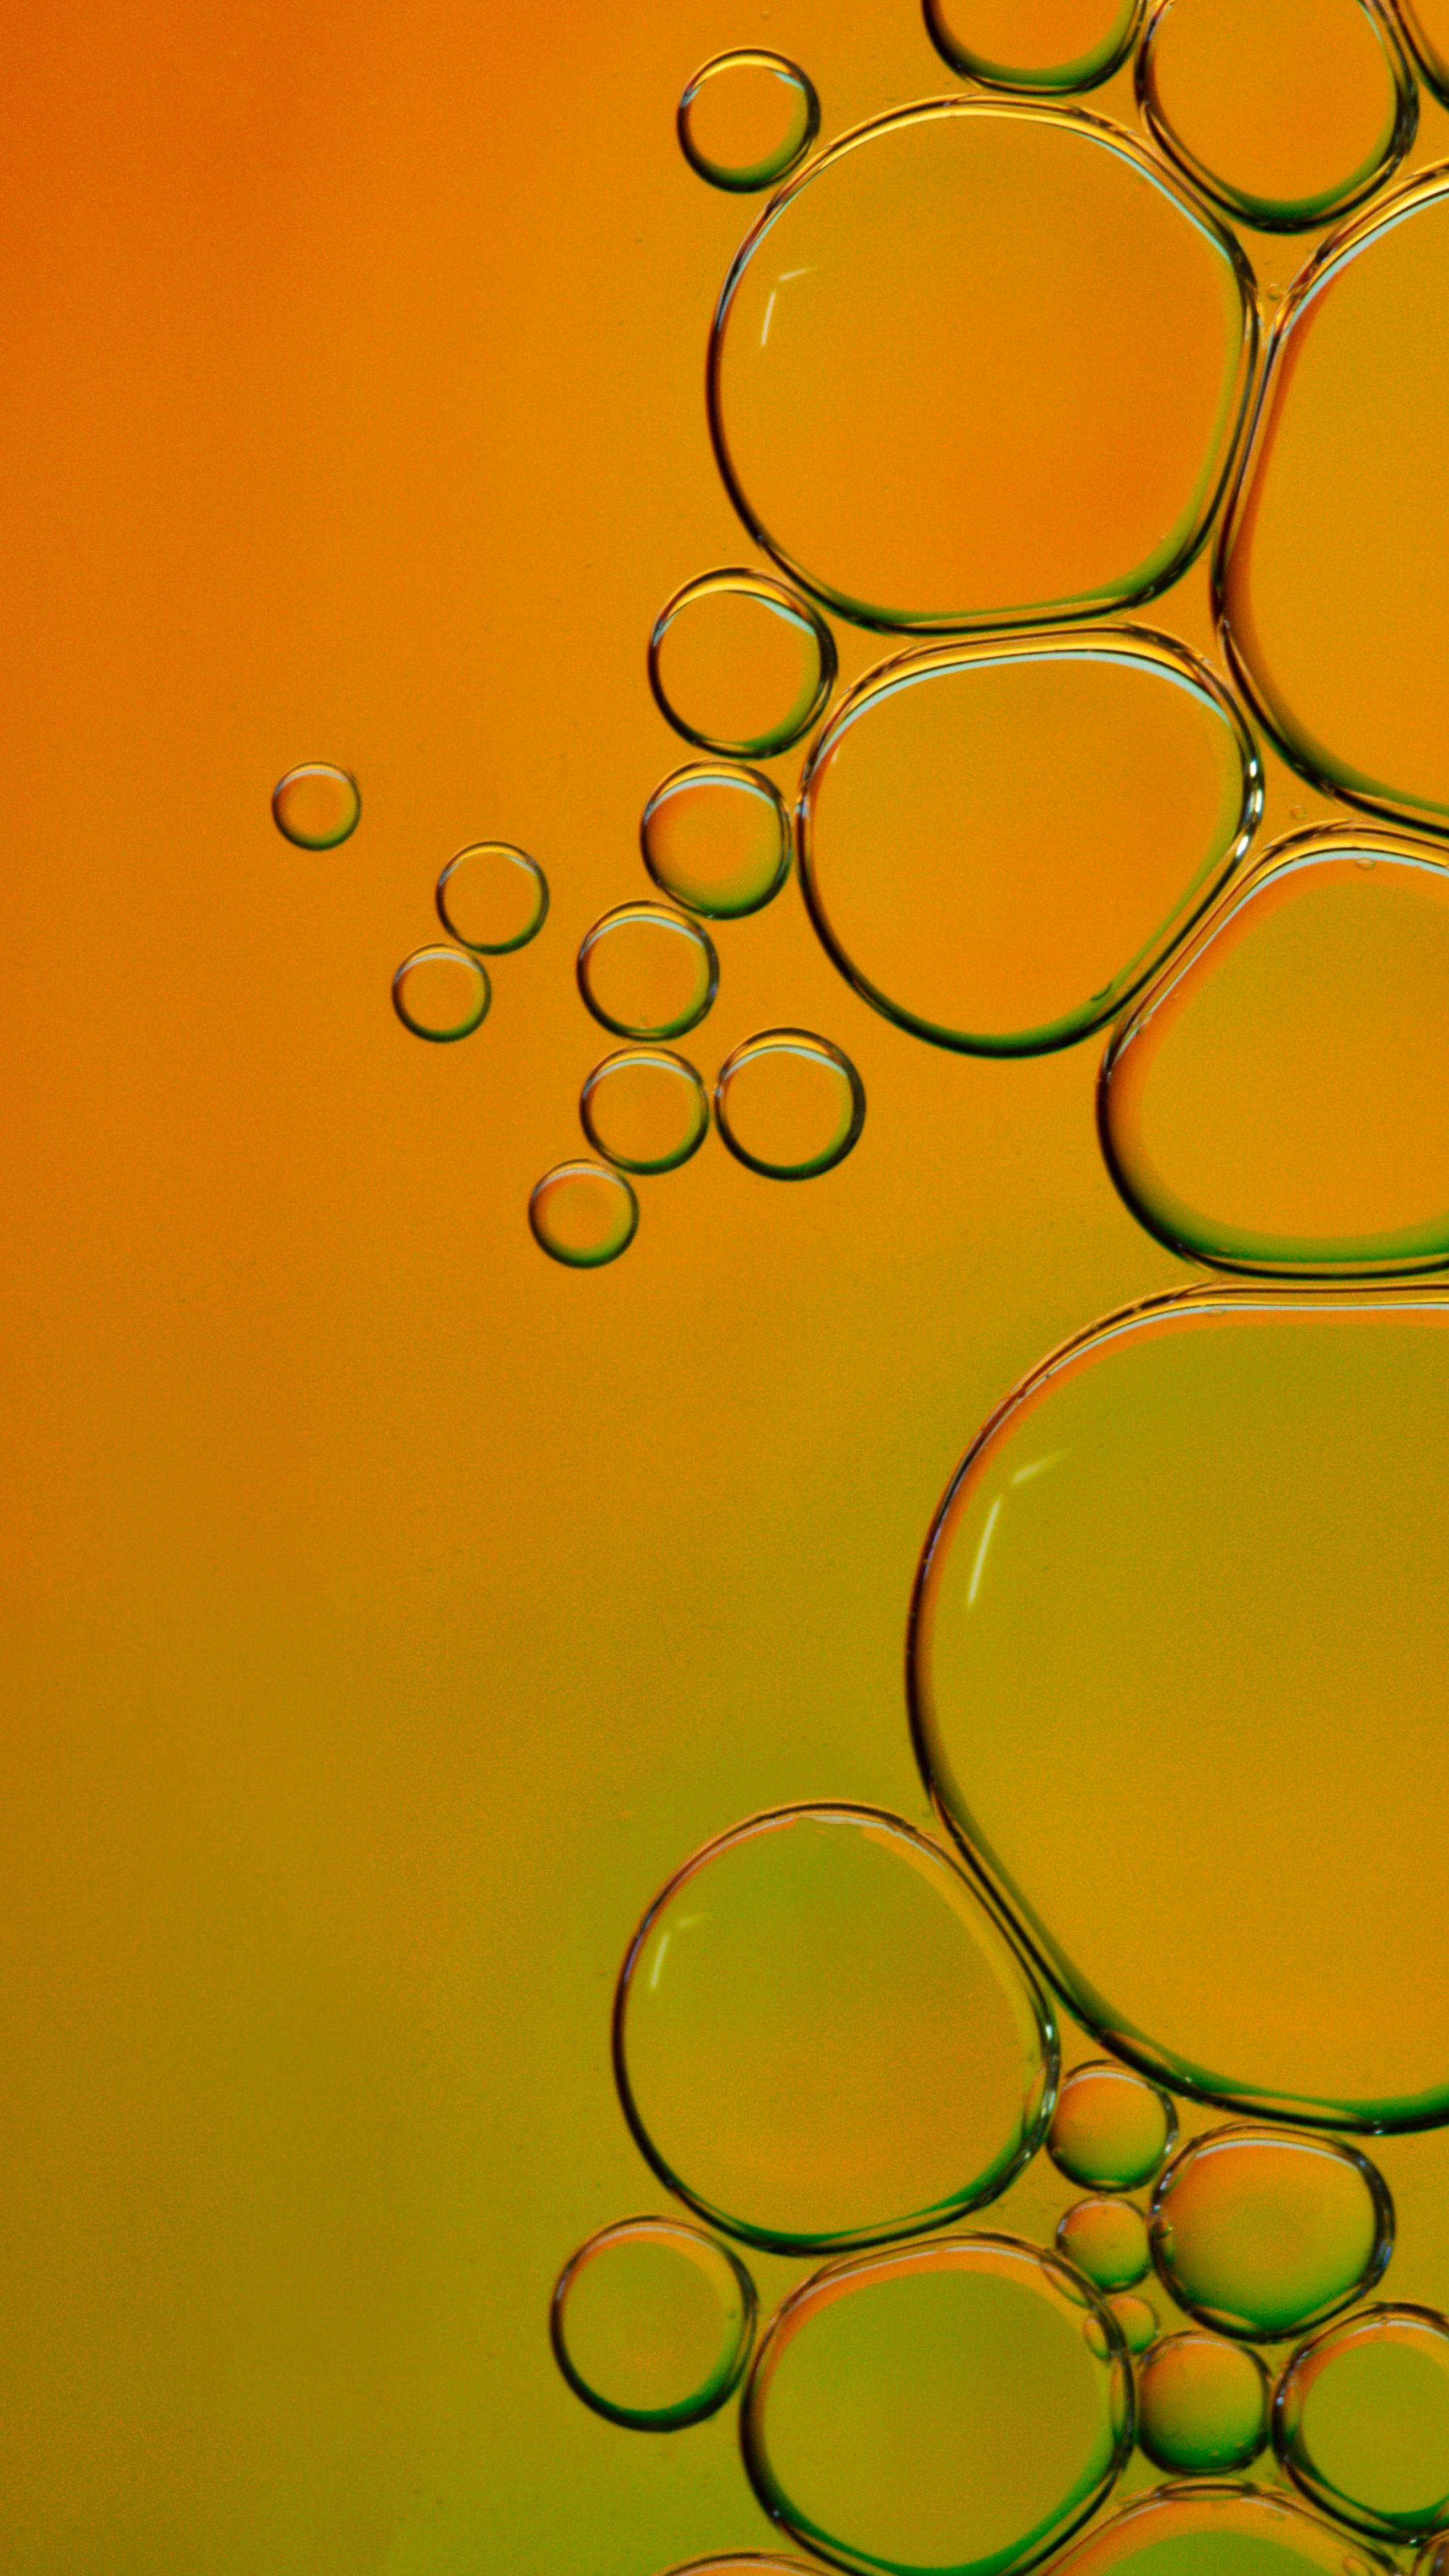 2160x3840 Bubble Texture Close Up Wallpaper Wallpaper Texture Bubbles